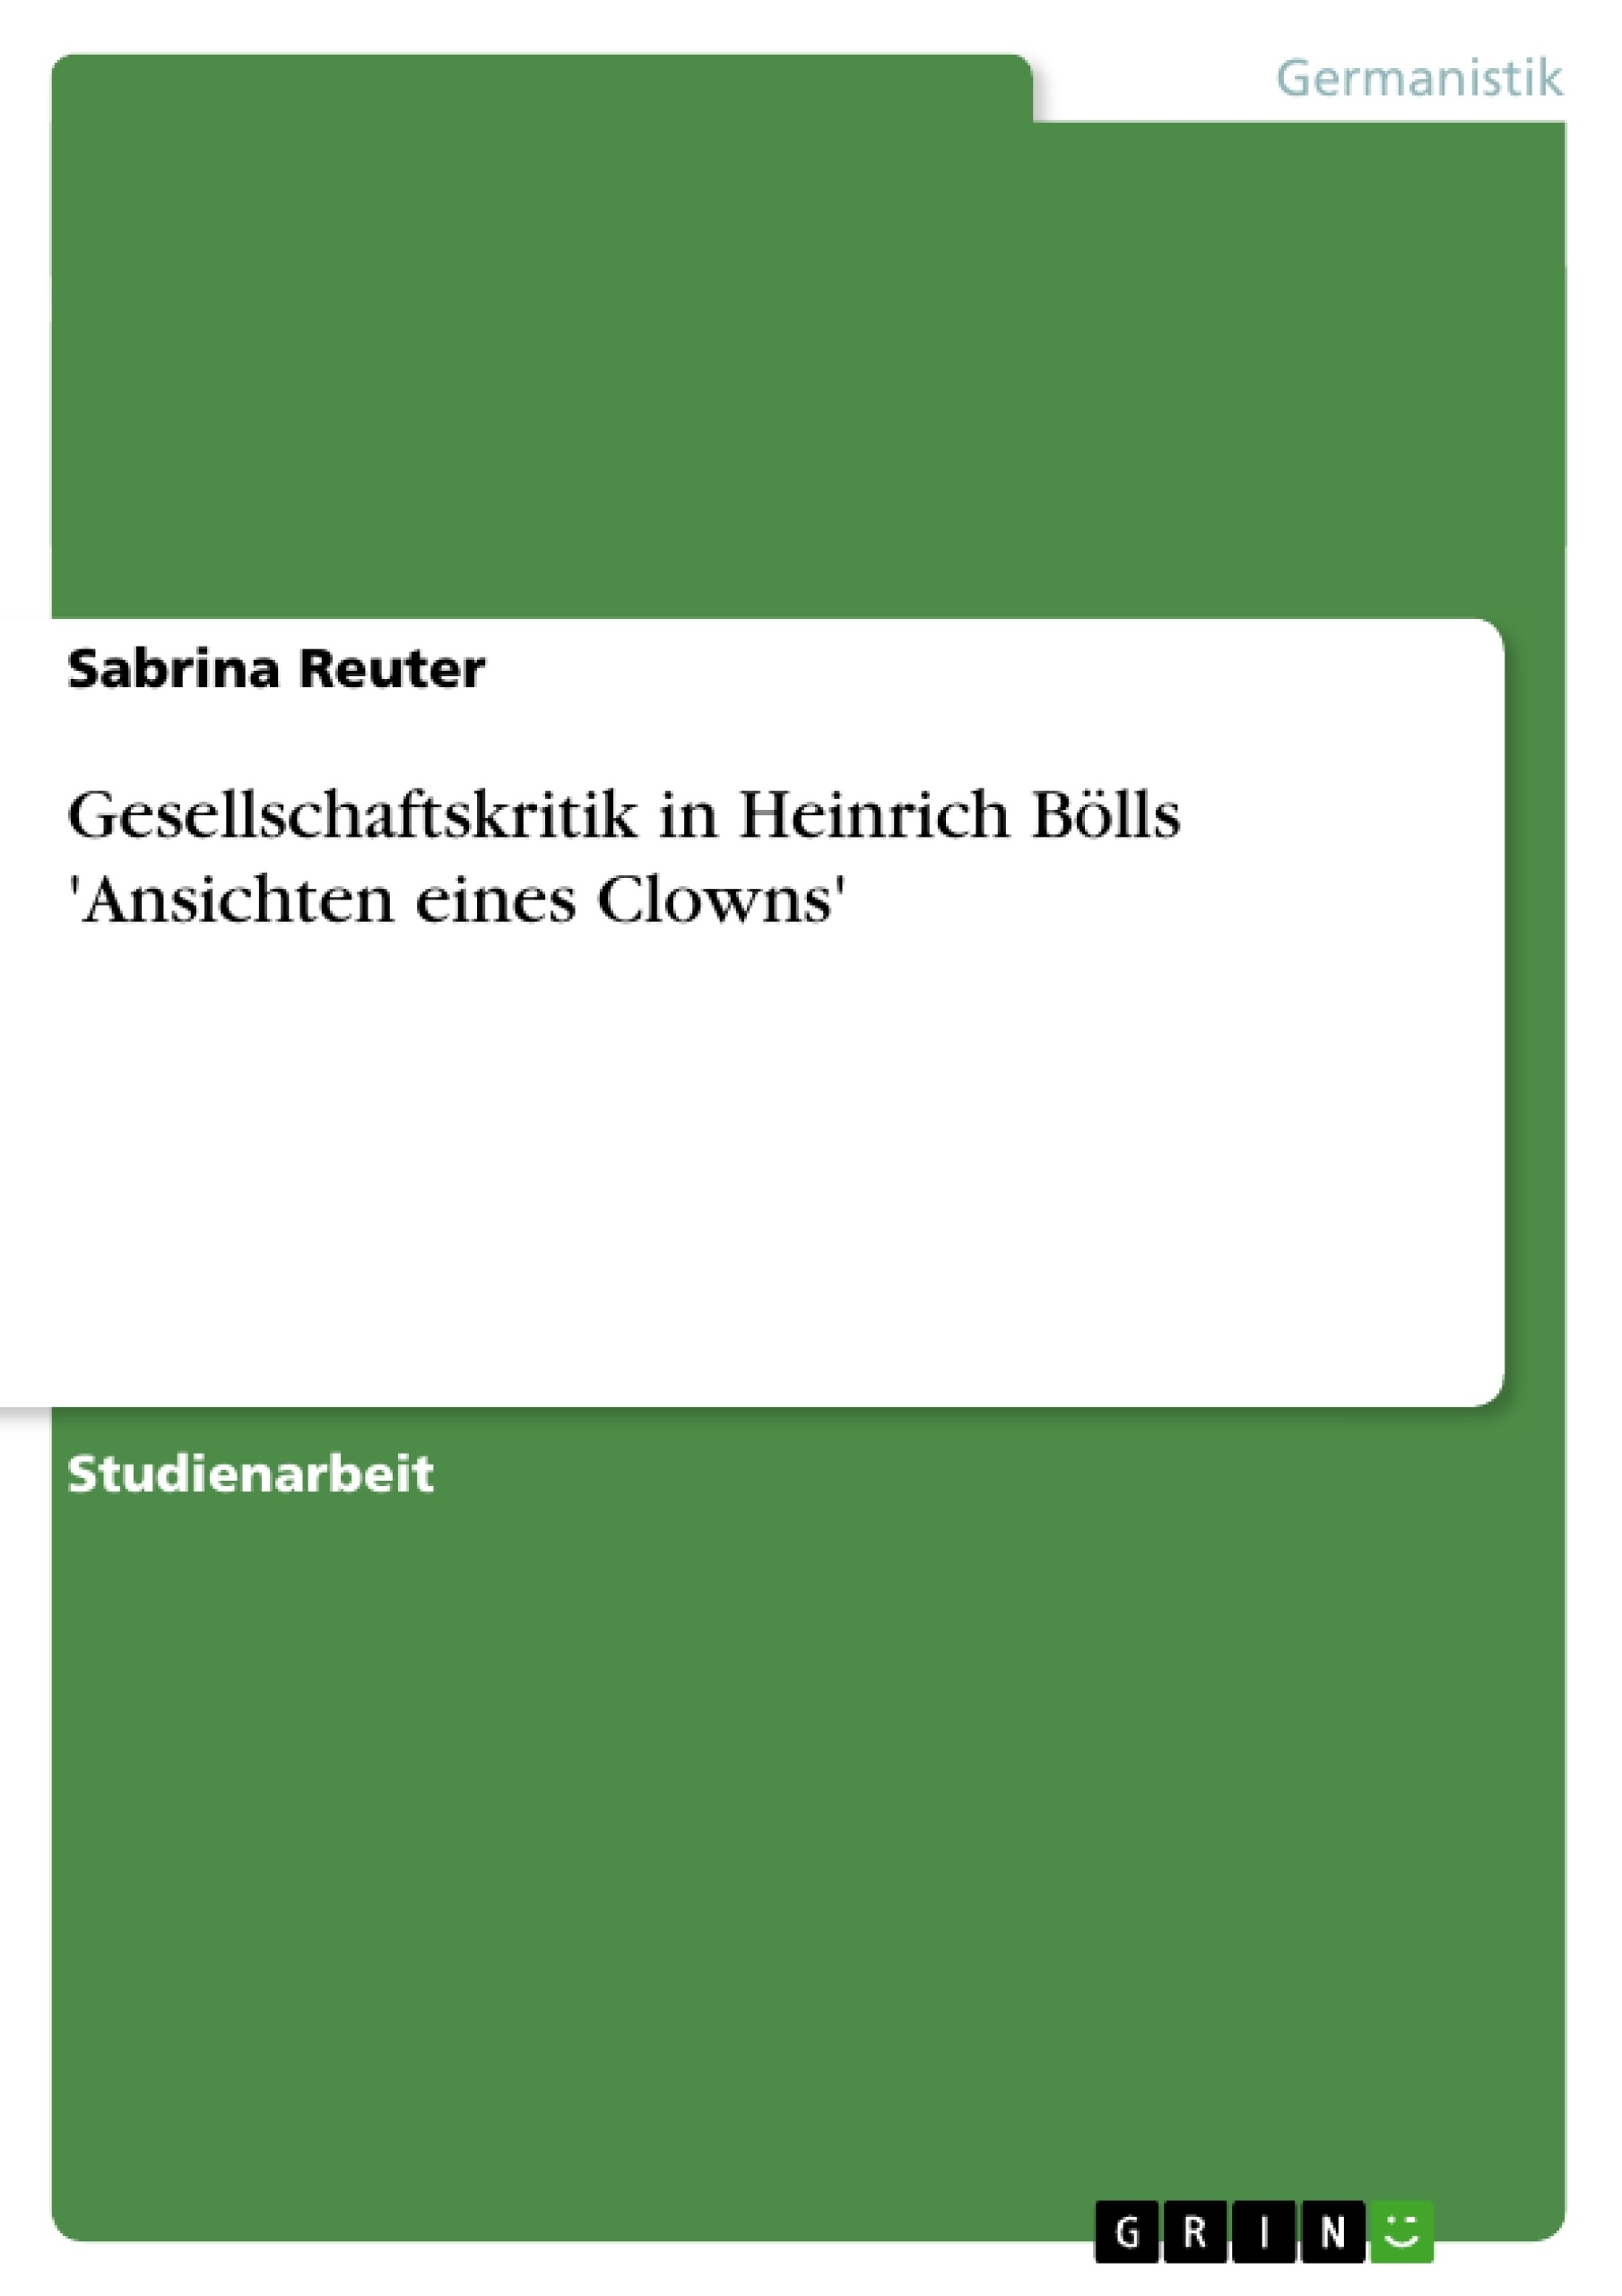 Titel: Gesellschaftskritik in Heinrich Bölls 'Ansichten eines Clowns'